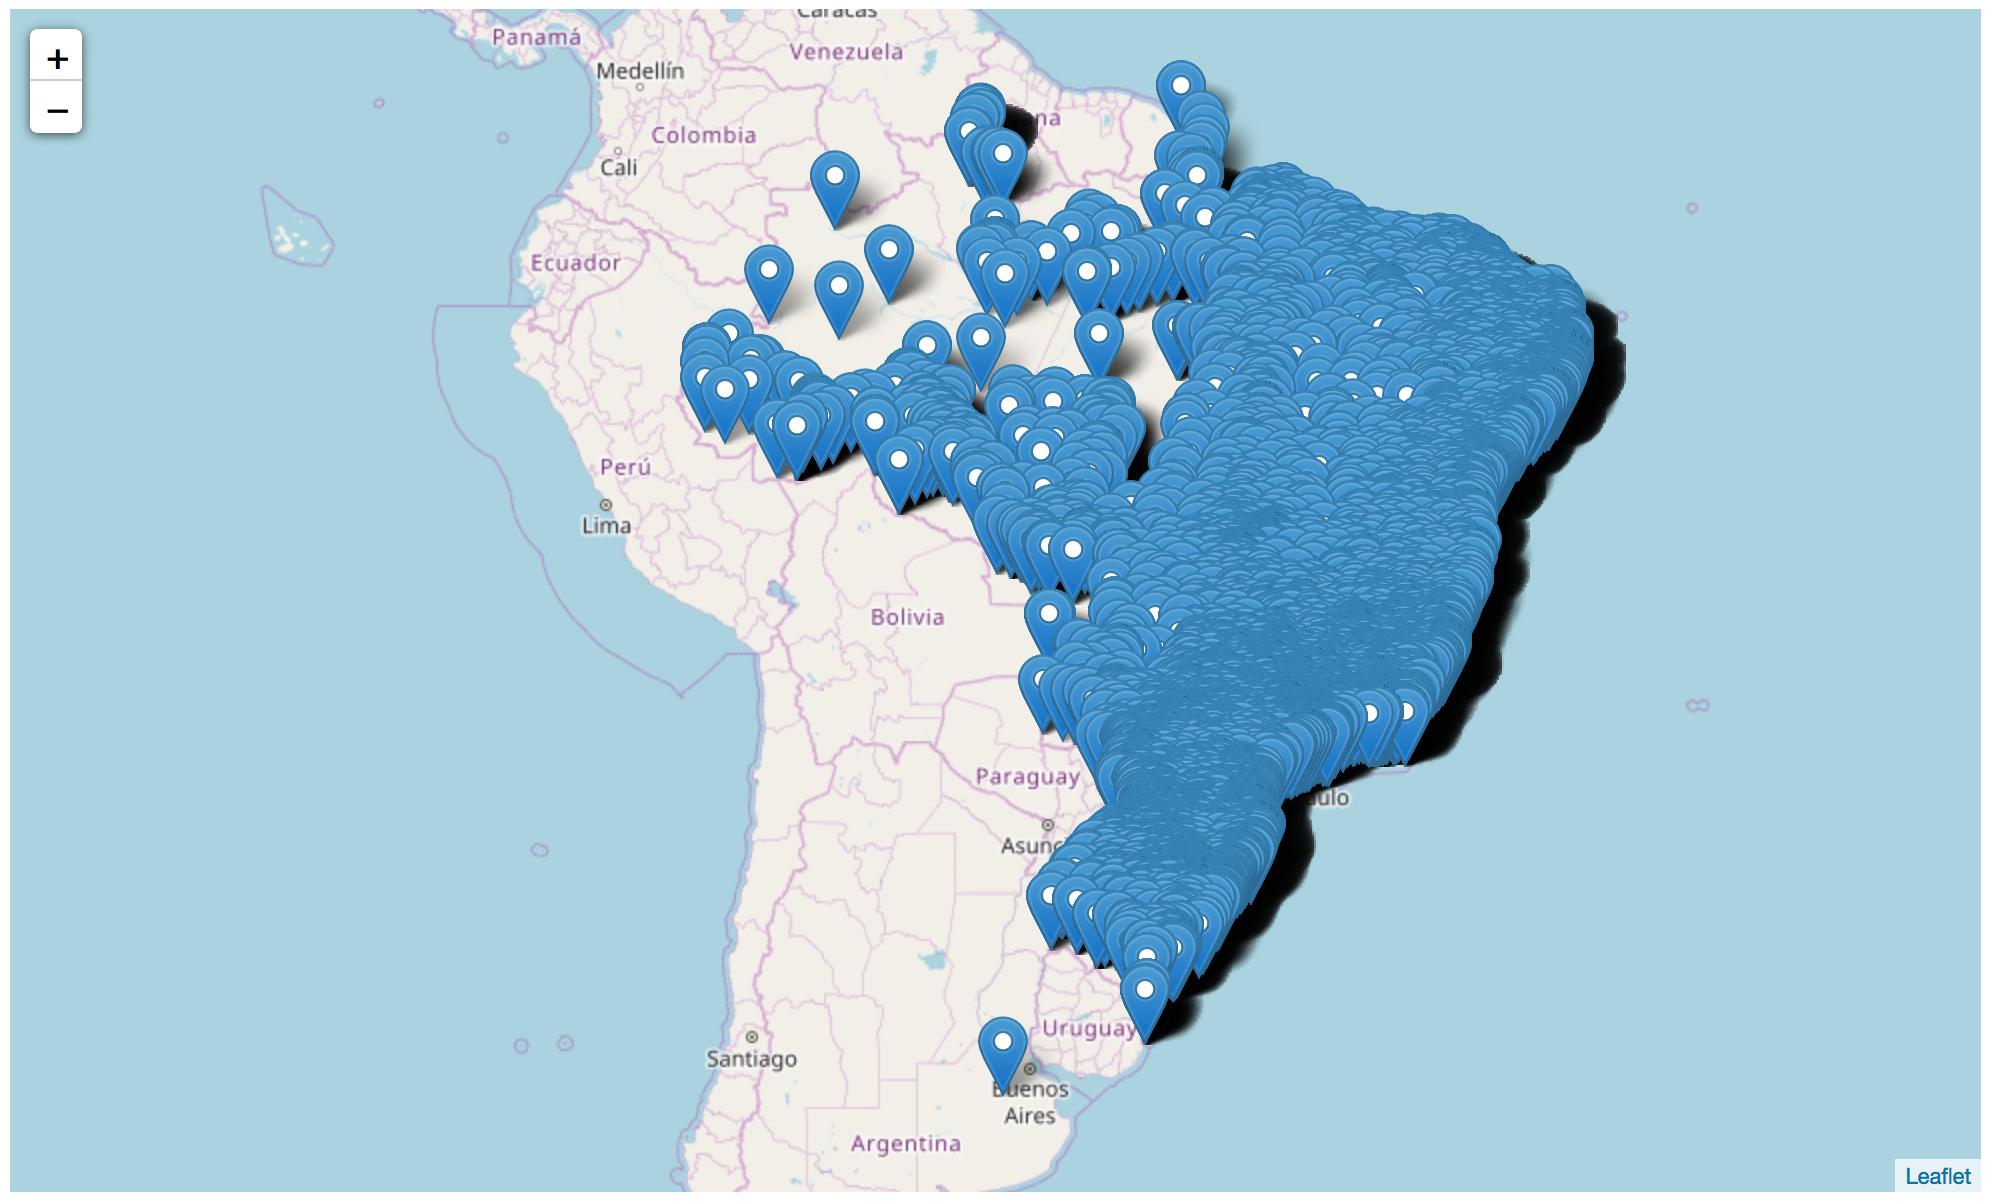 mapa do brasil com todas empresas